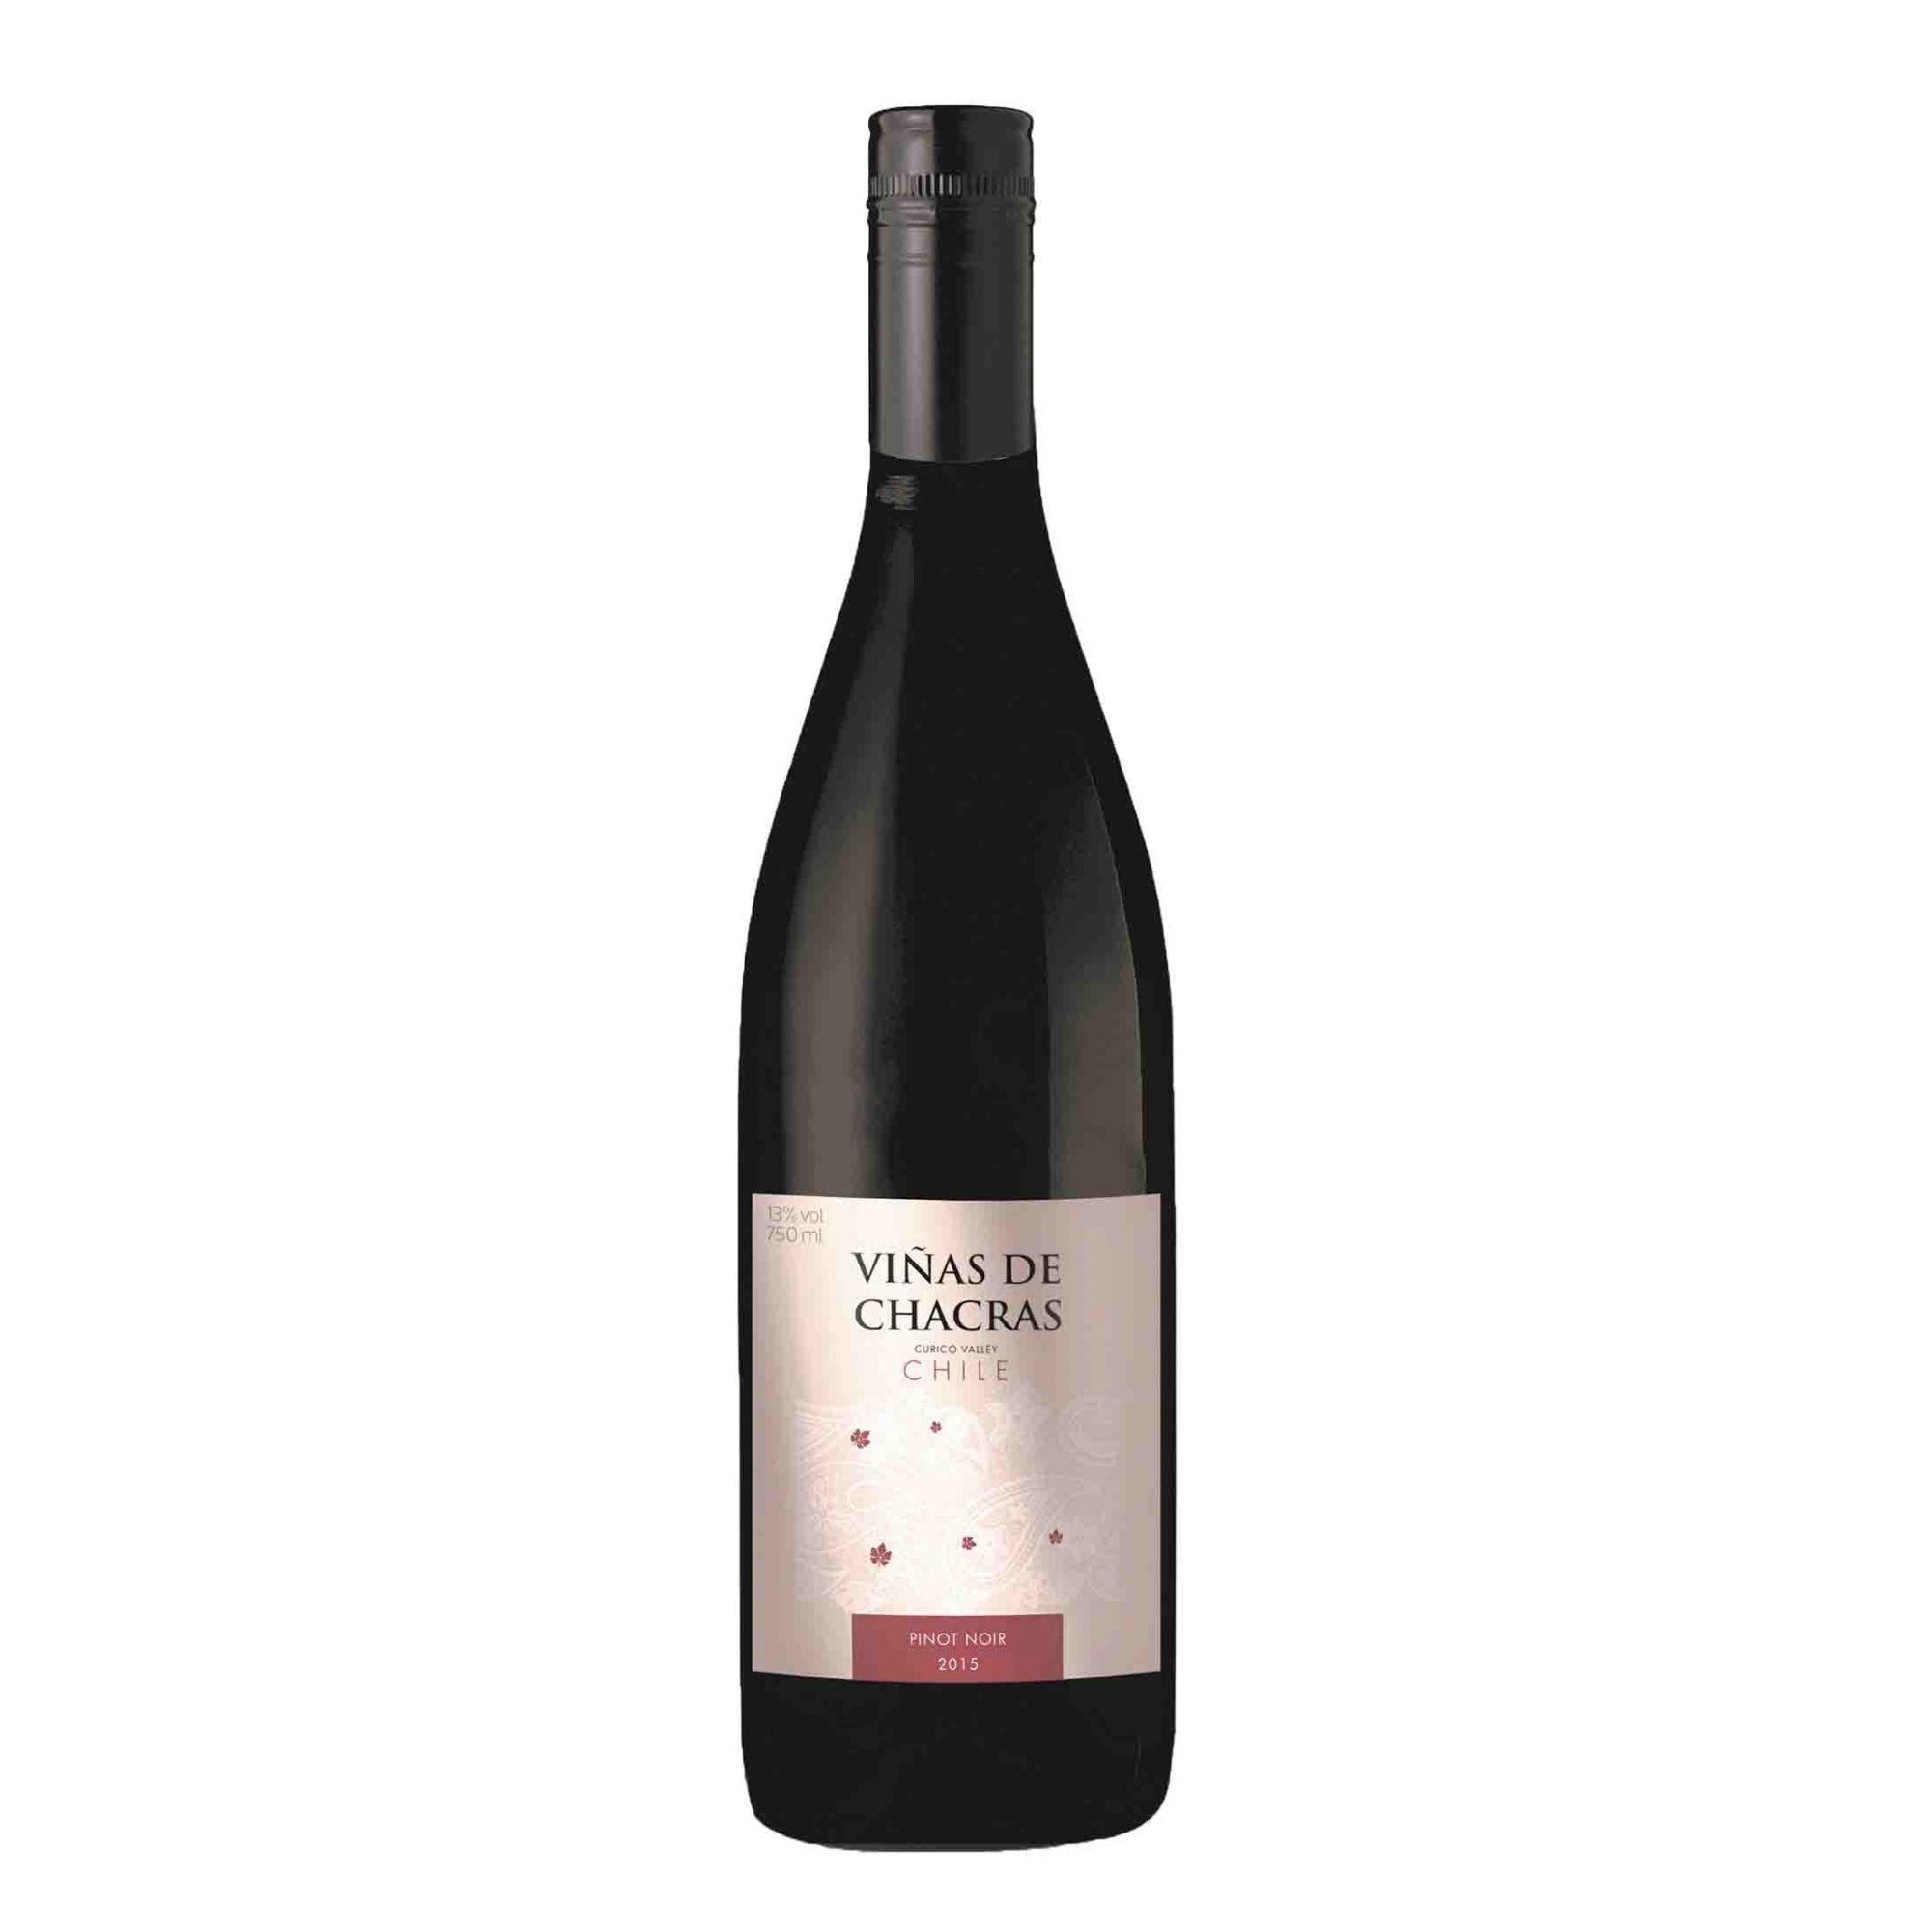 Viñas de Chacras Pinot Noir